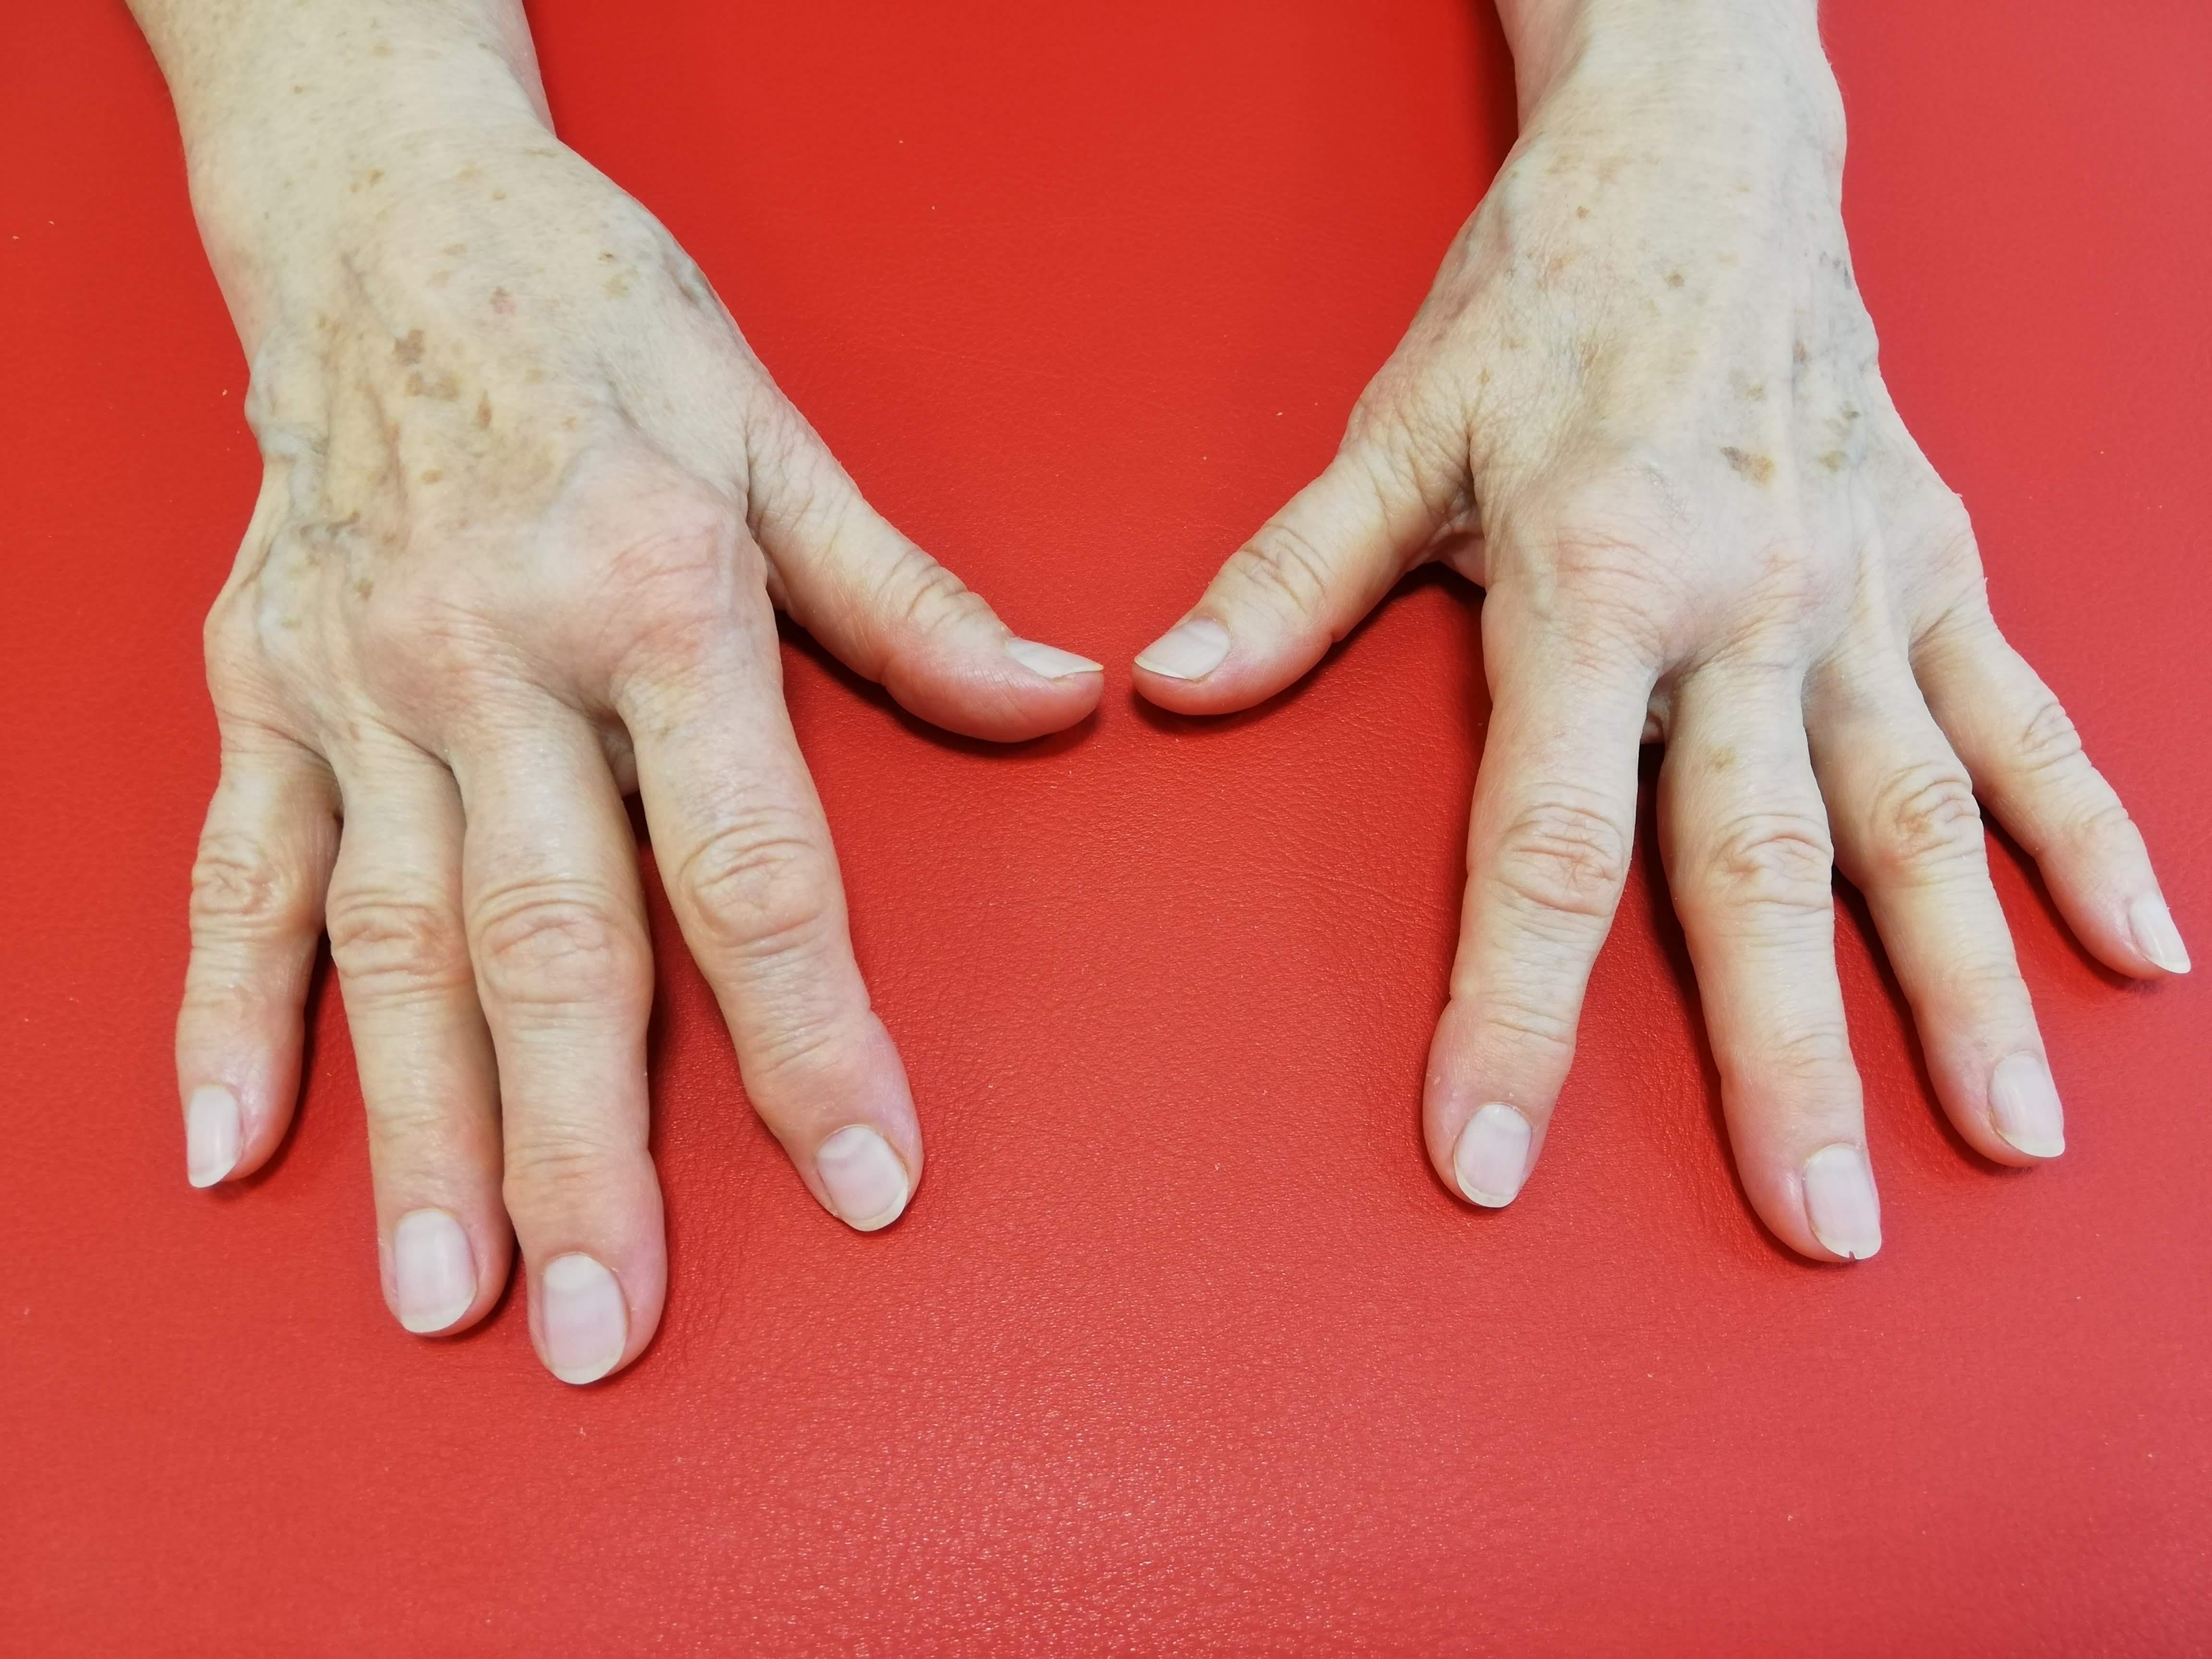 Osteoartróza horných končatín